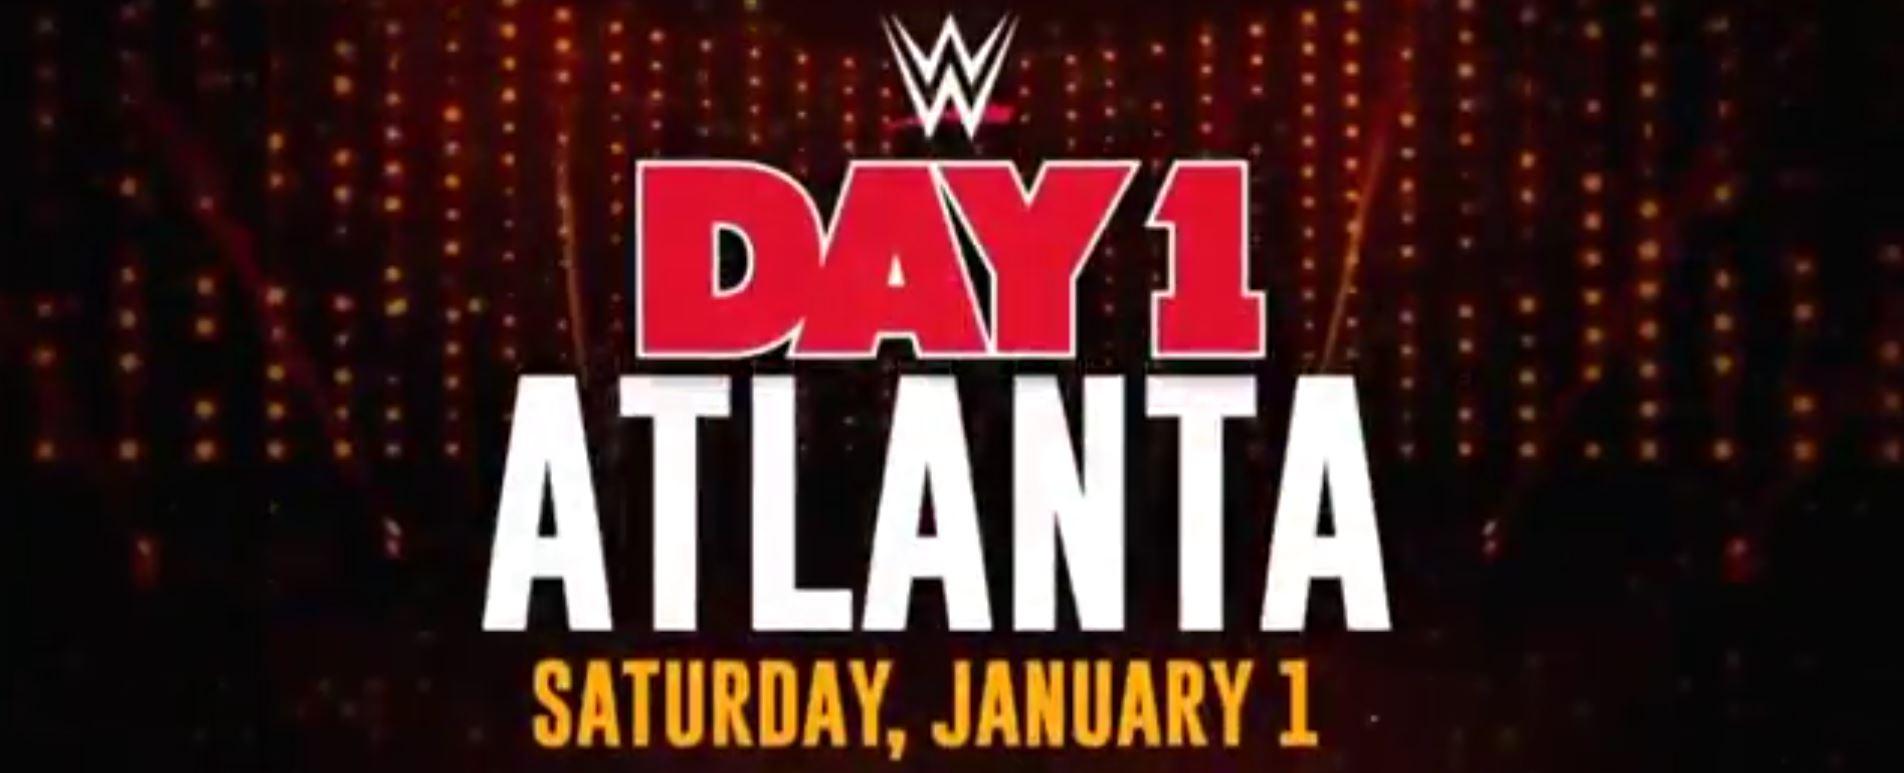 WWE Day 1 é oficialmente anunciado para janeiro de 2022